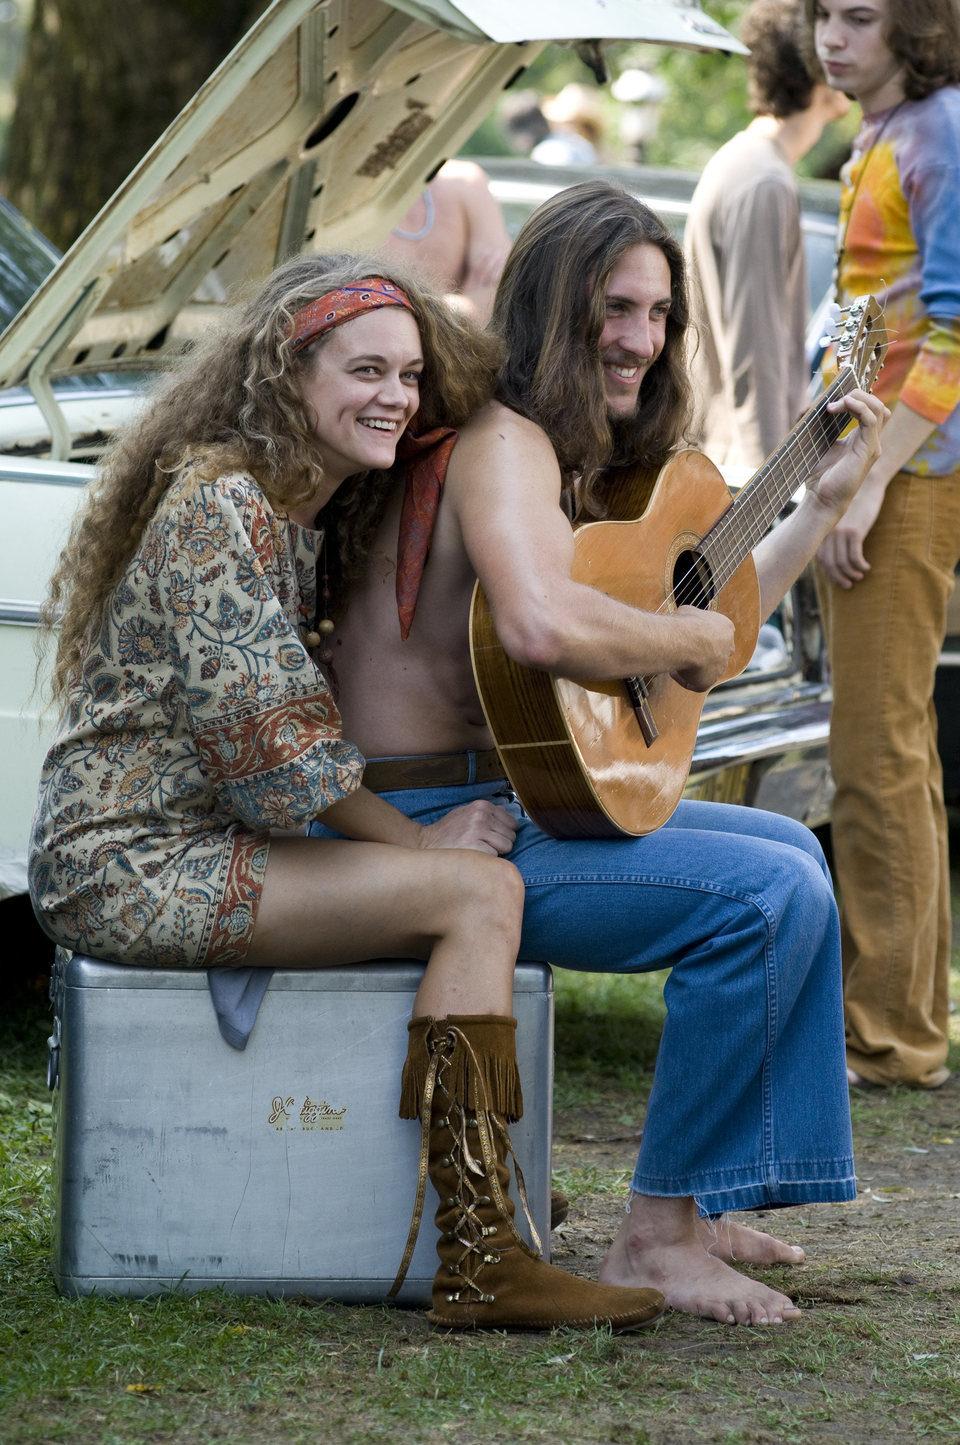 Taking Woodstock, fotograma 23 de 44